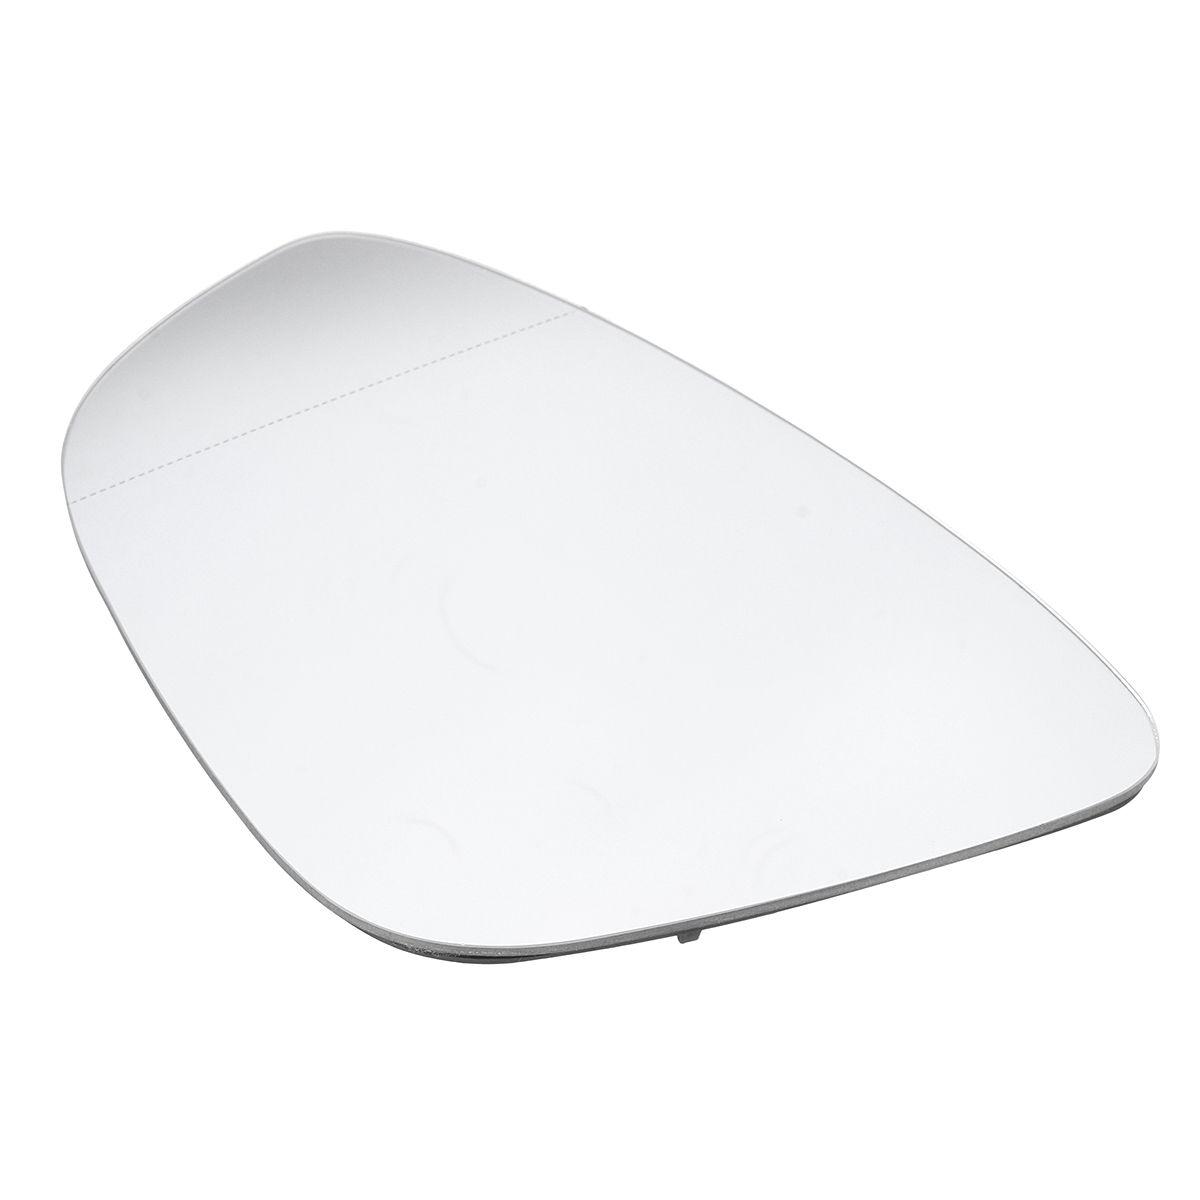 Car Left Side Exterior Wing Mirror Glass Rear View W Heating For Vw Passat Cc Eos Auto Parts Vw Passat Vw Cc Und Vw Eos